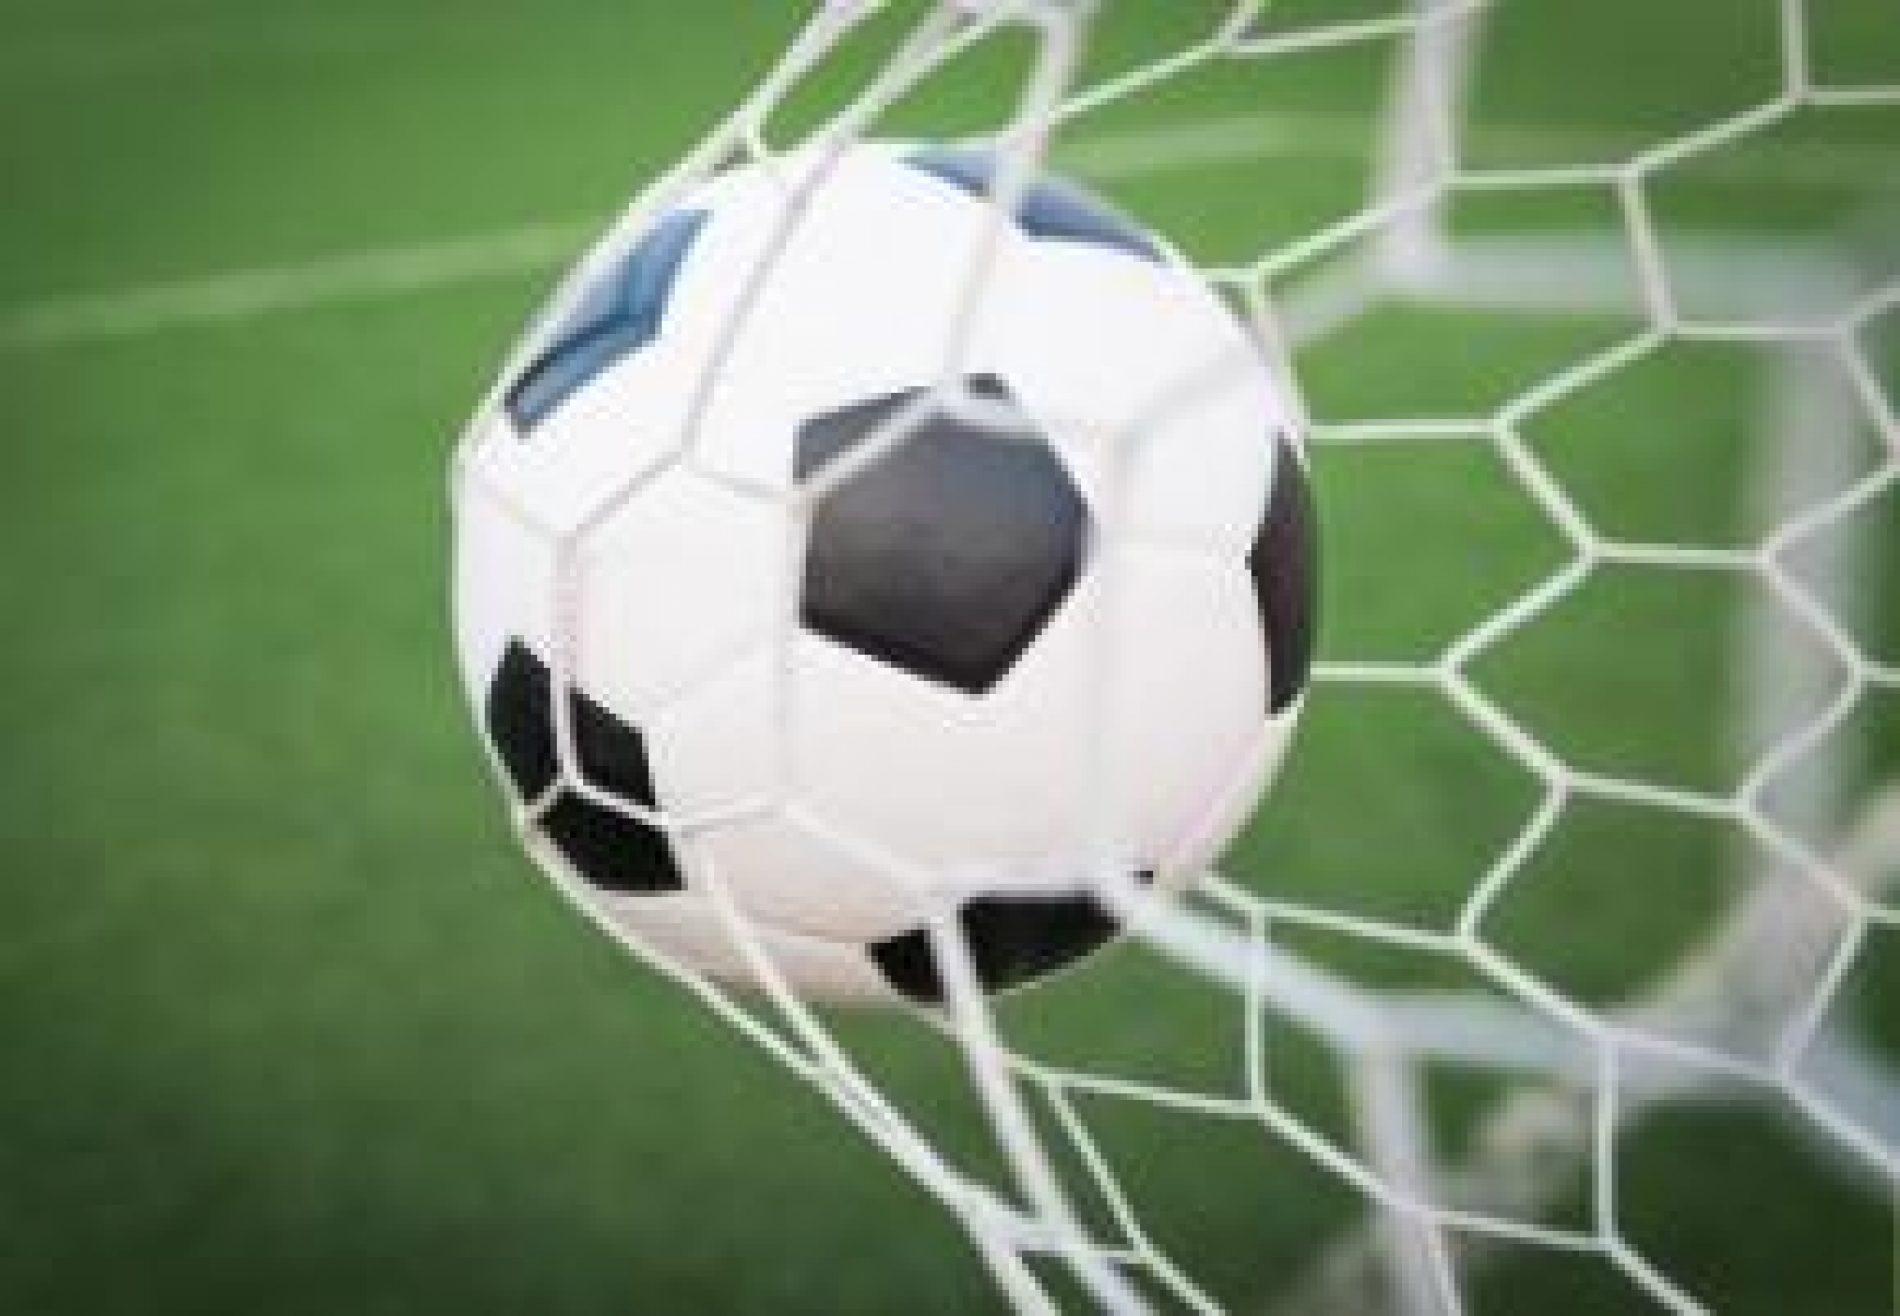 Copa do Brasil: Flamengo e Botafogo empatam e Grêmio vence nas semifinais